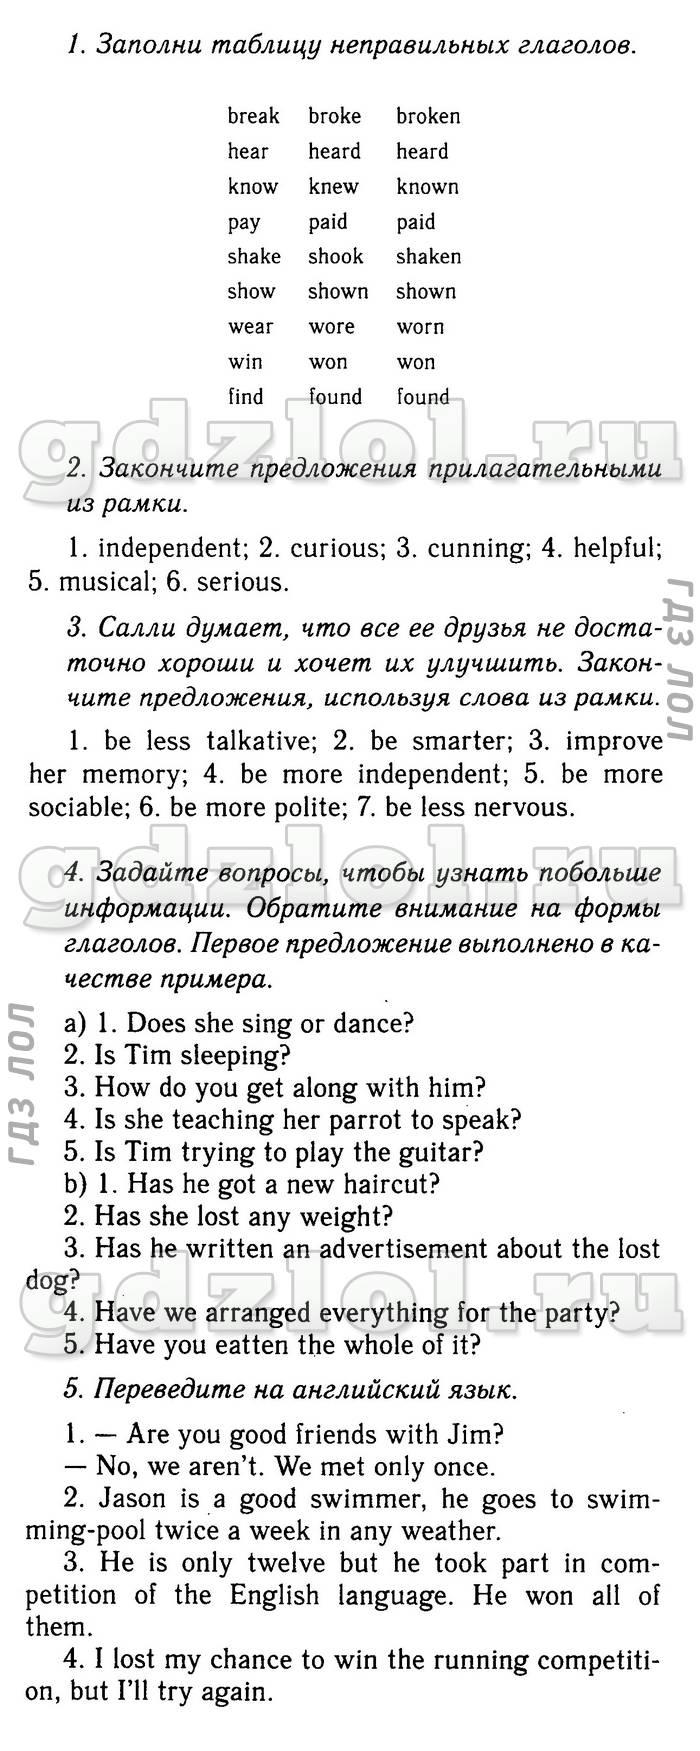 Английский 5 класс биболетова денисенко трубанева учебник гдз титул